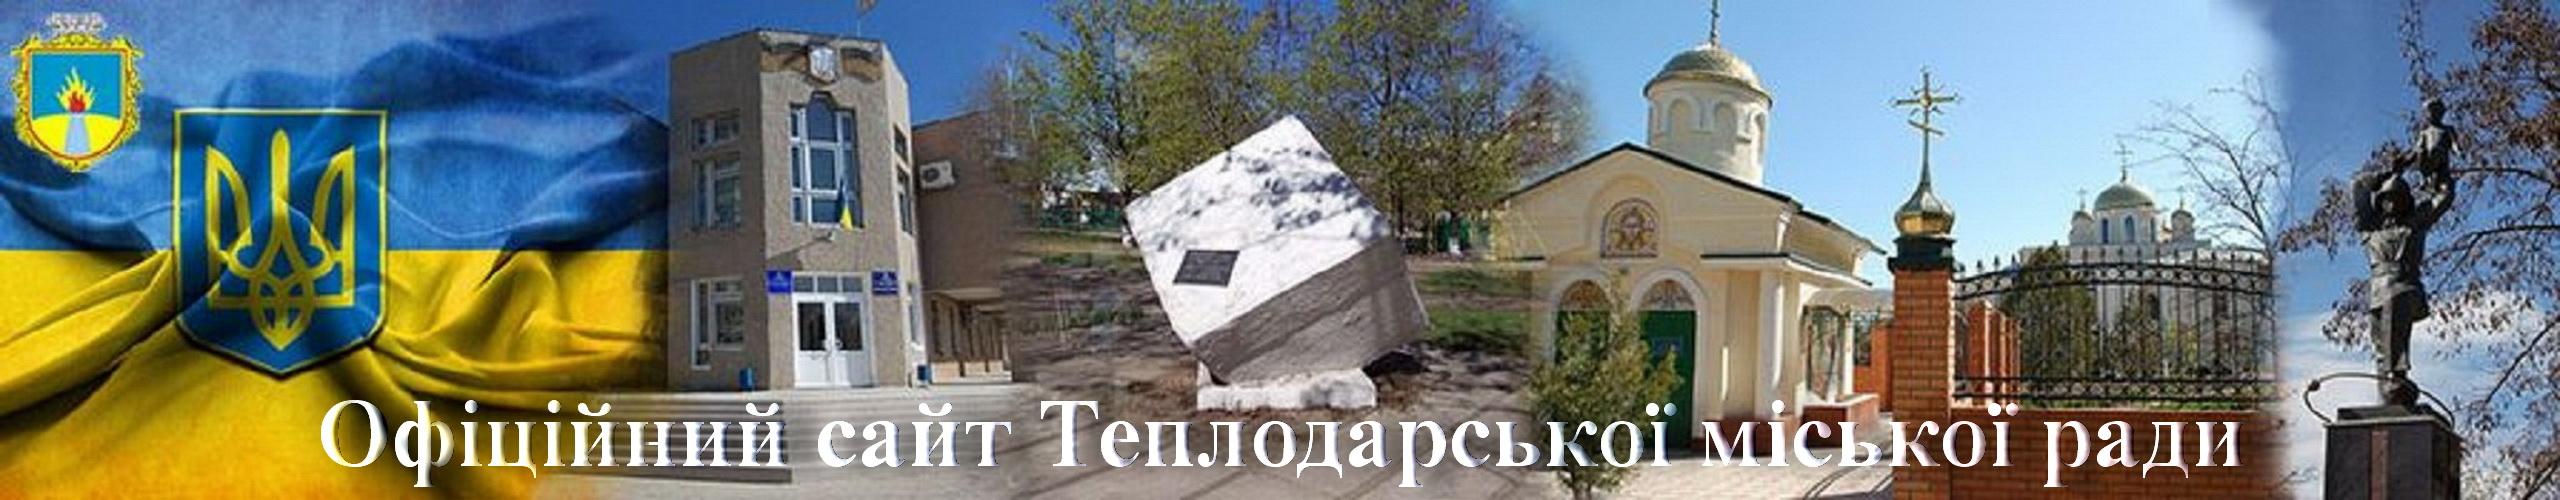 Офіційний сайт Теплодарської міської ради